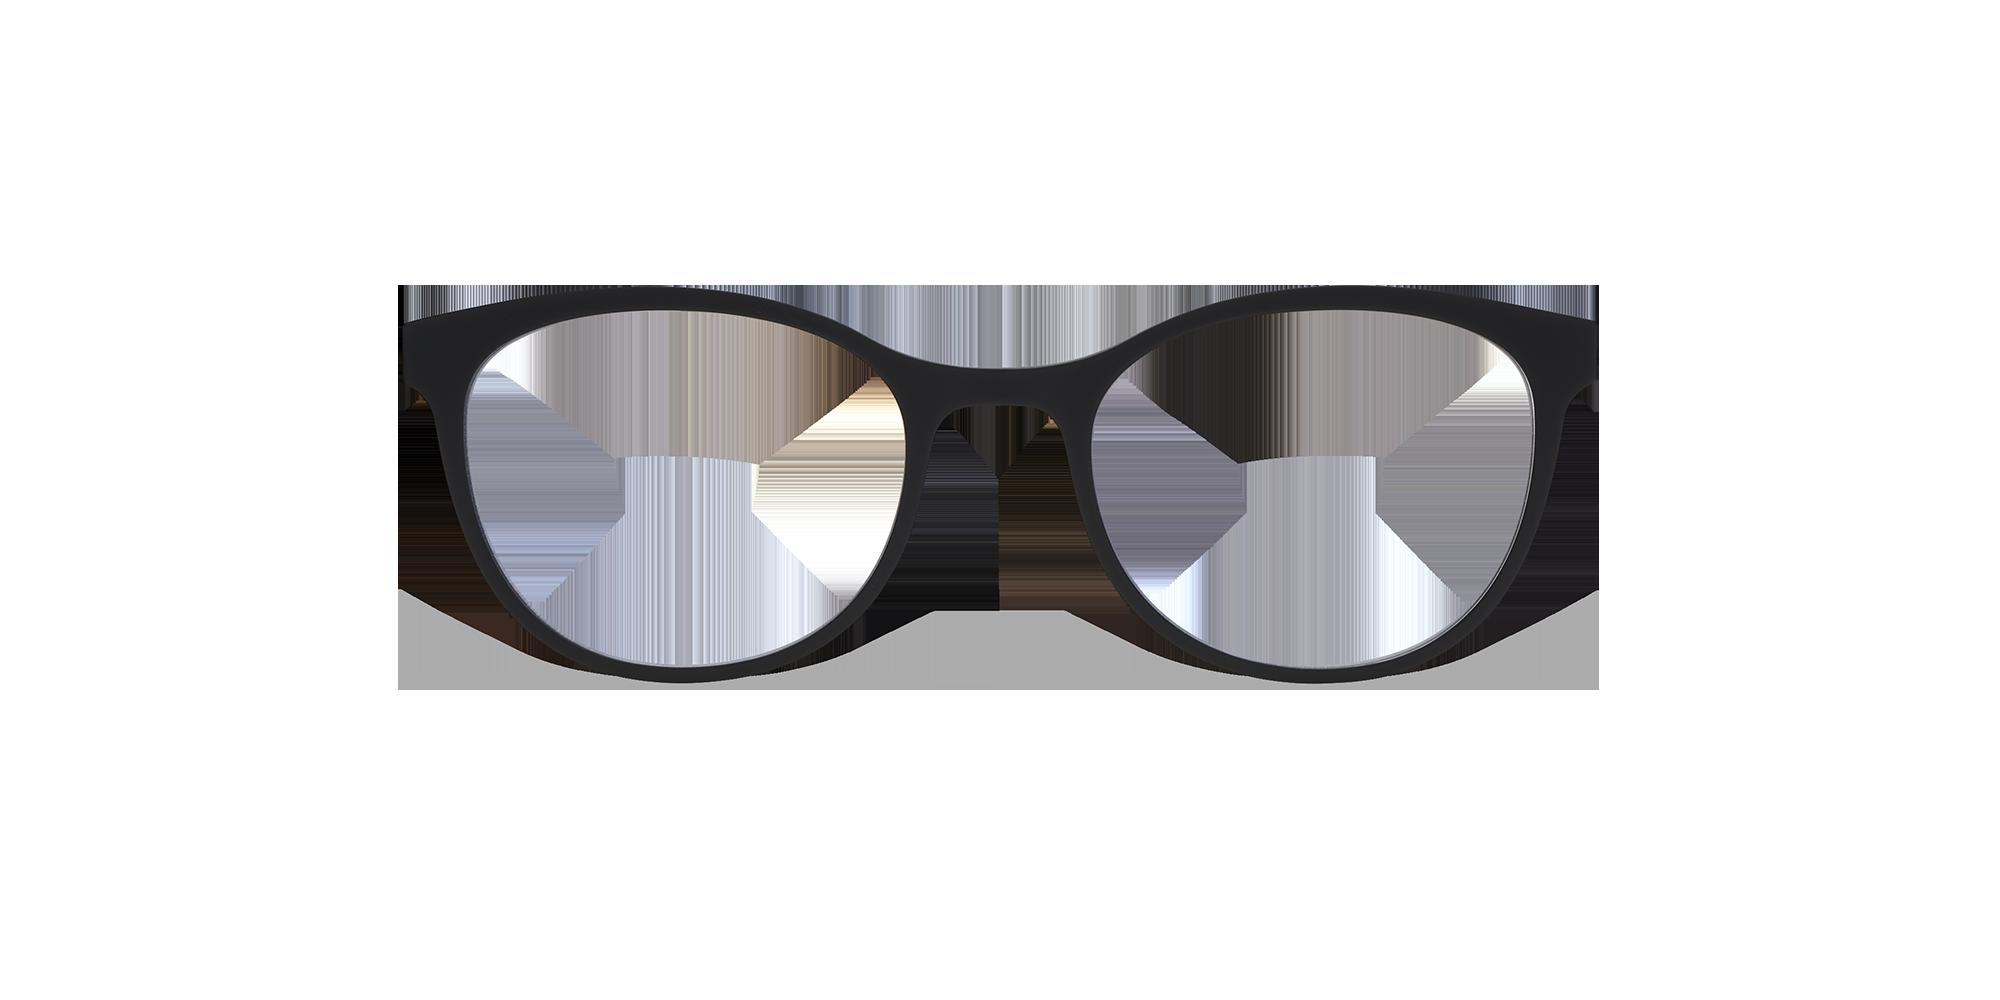 afflelou/france/products/smart_clip/clips_glasses/TMK45N2BK014818.png